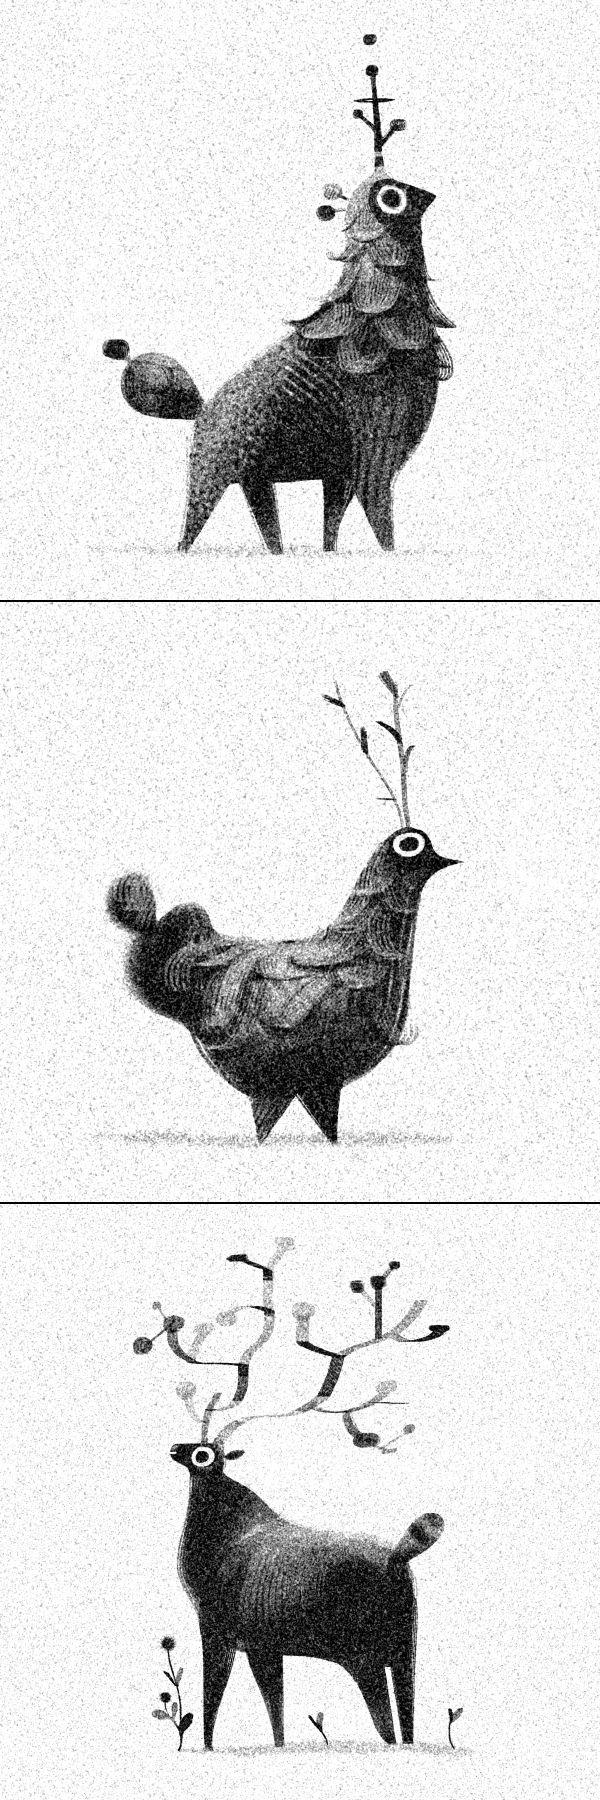 Illustrator: Oren Haskins